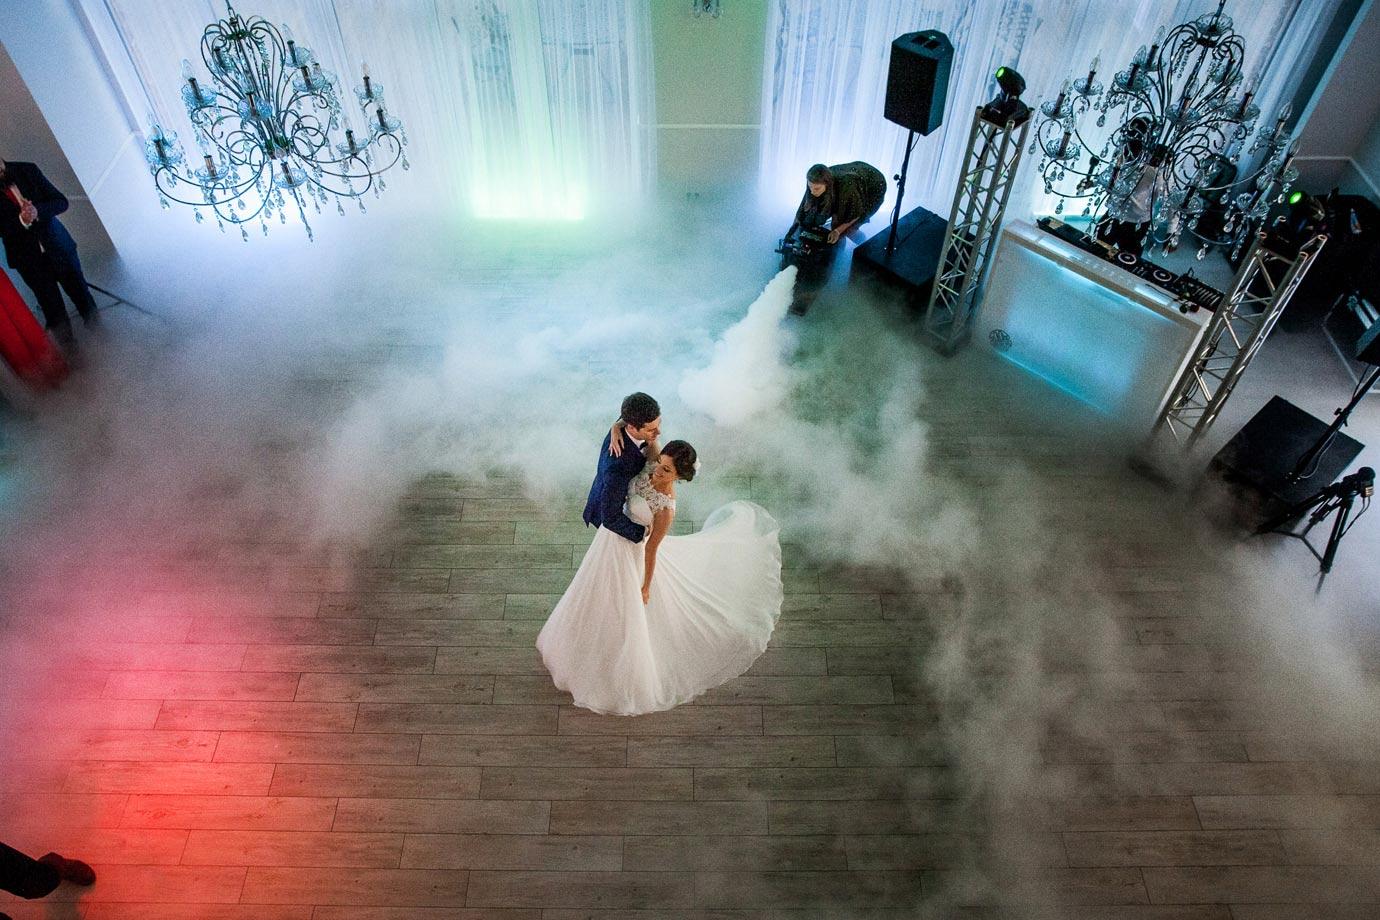 pierwszy taniec z ciężkim dymem